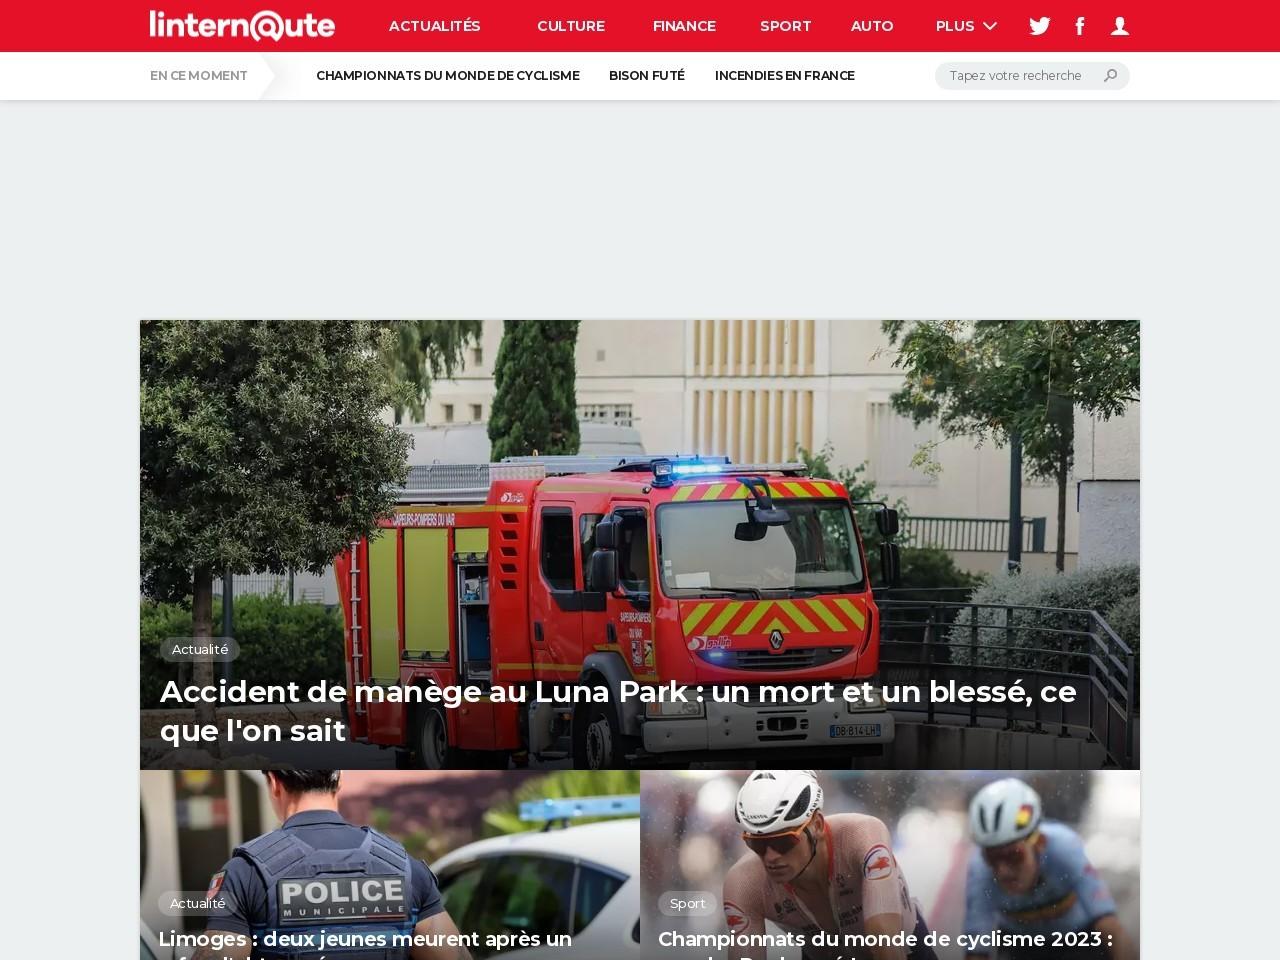 linternaute.com